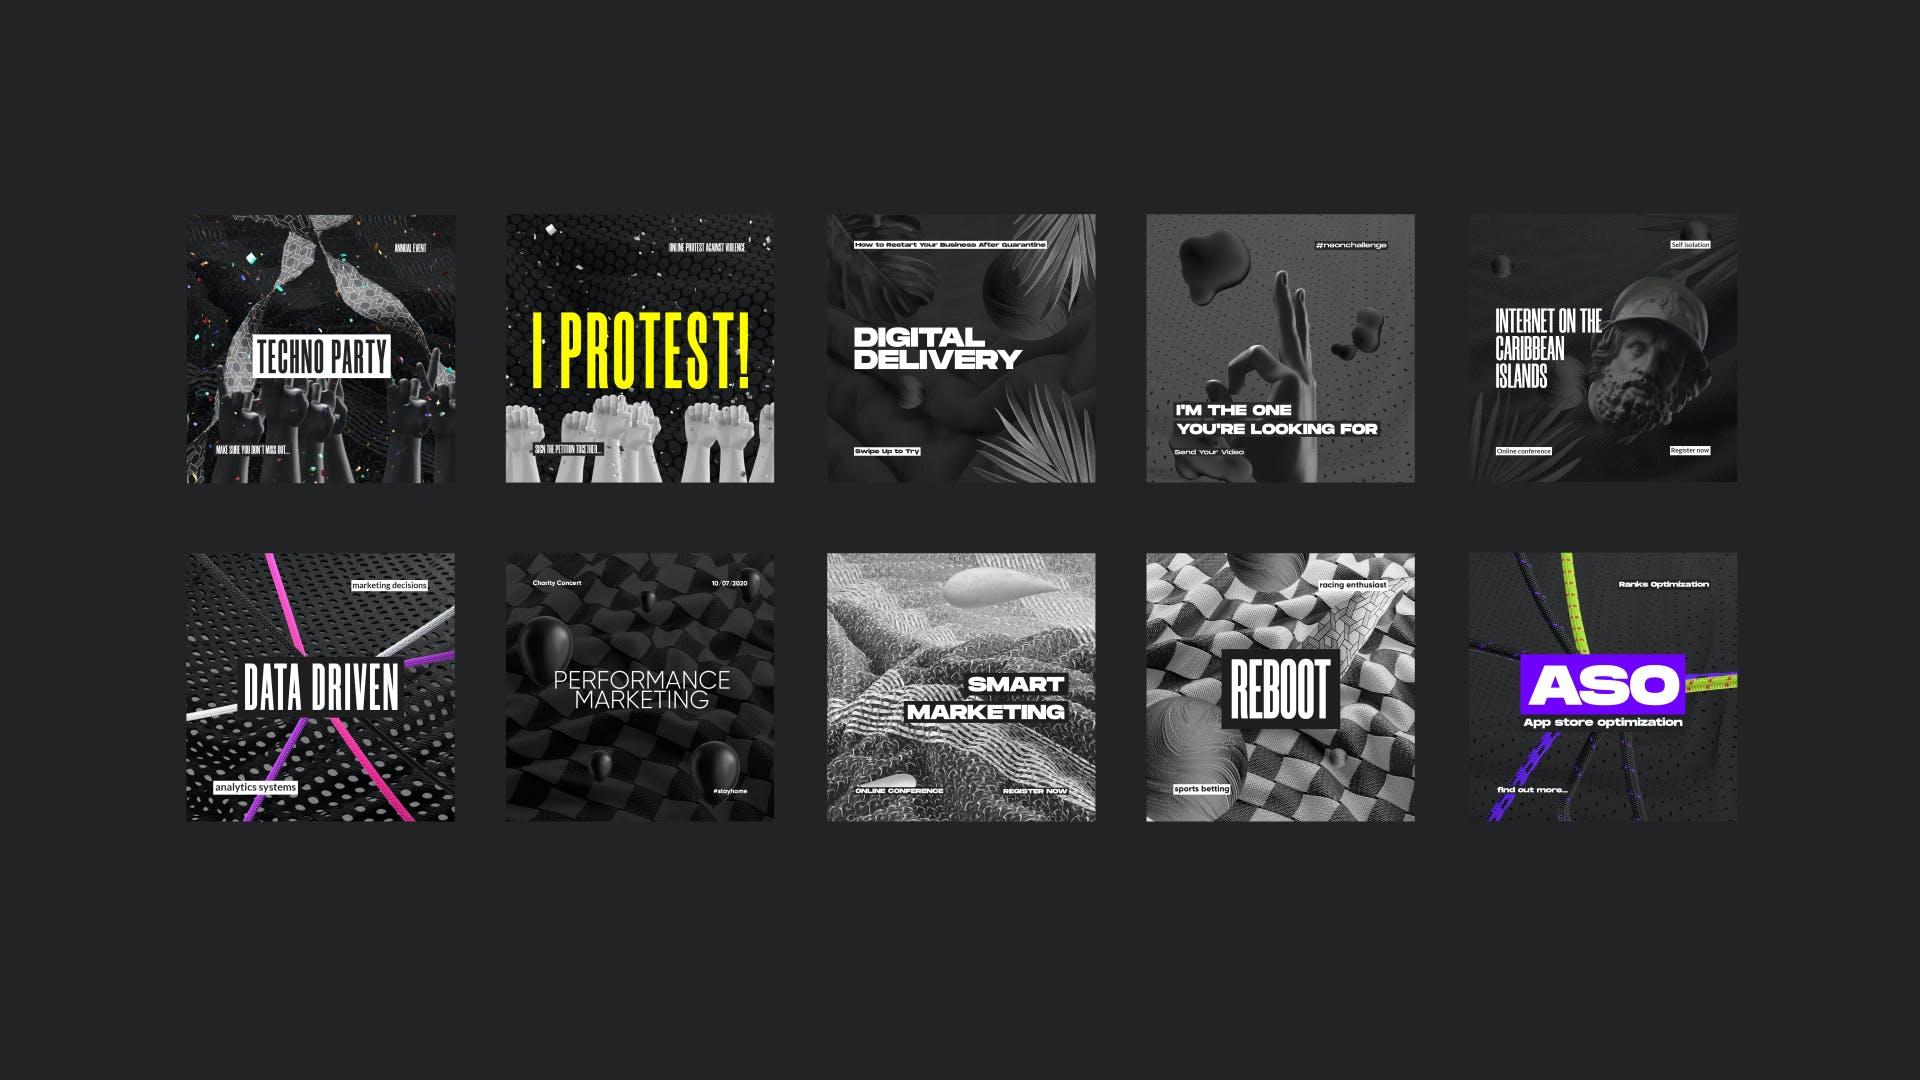 黑色潮牌新媒体推广电商海报设计模板合集 Black Social Media Pack插图(2)